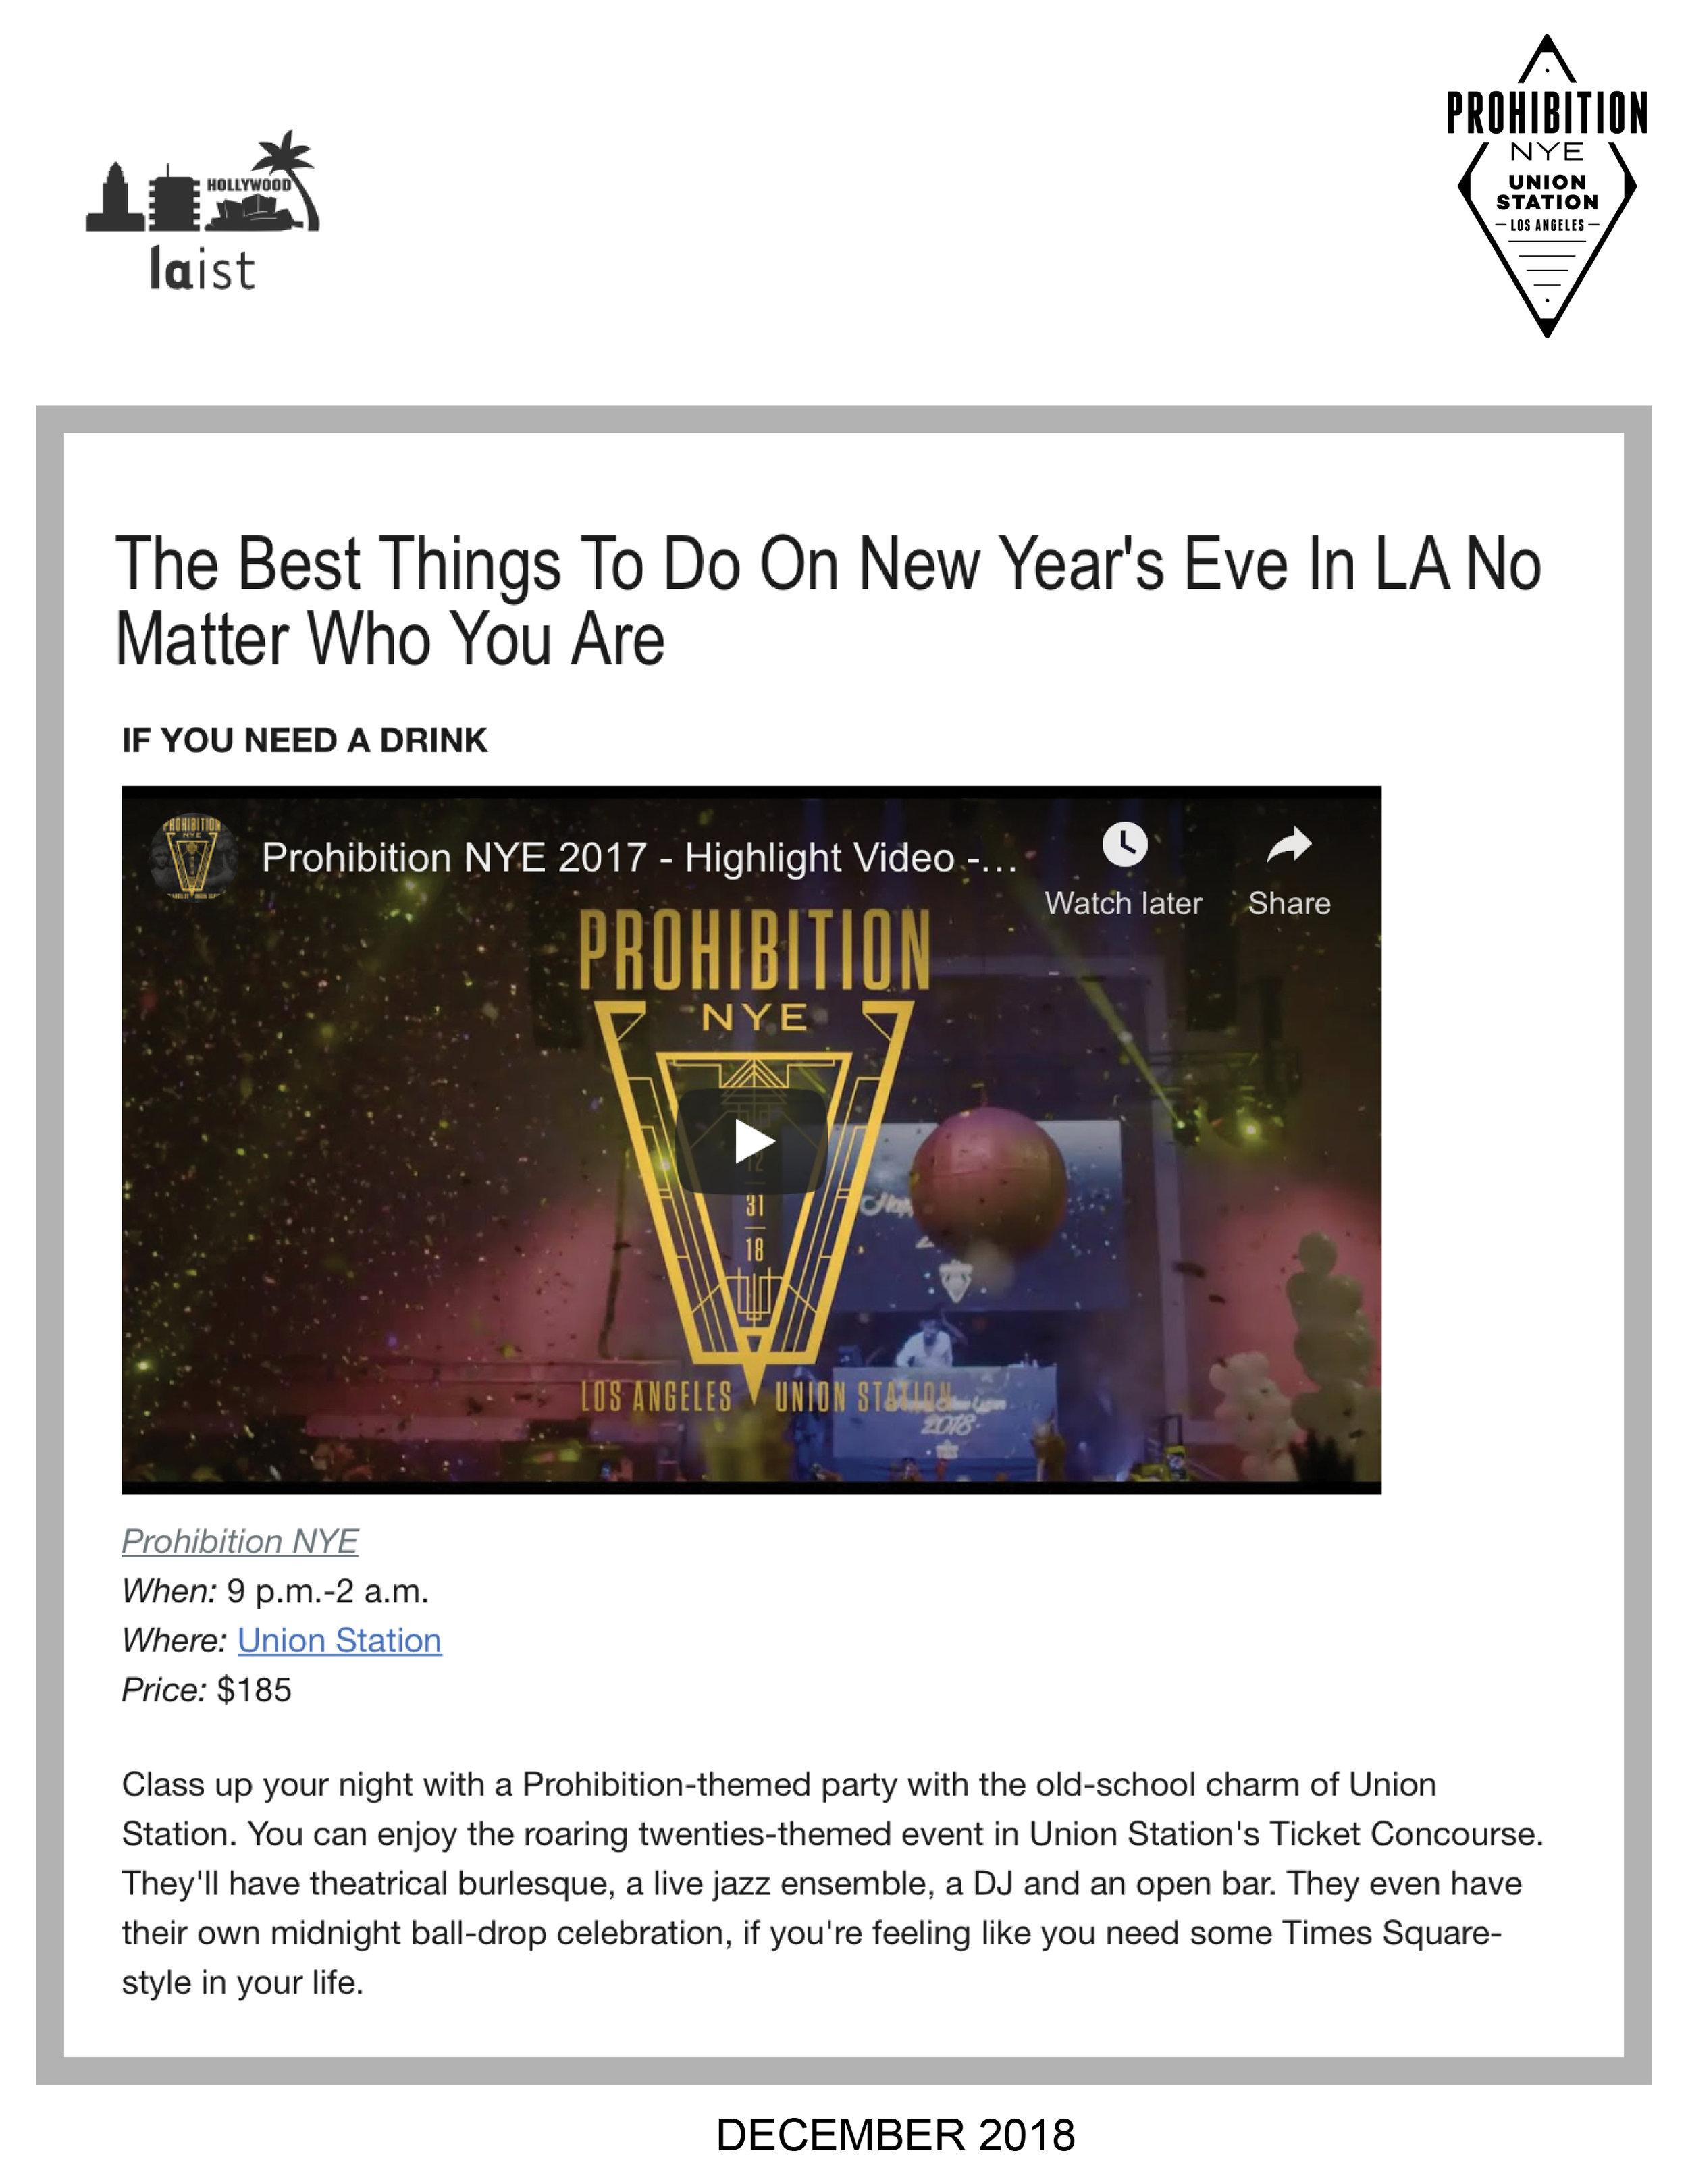 ProhibitionNYE_LAlist_December2018.jpg